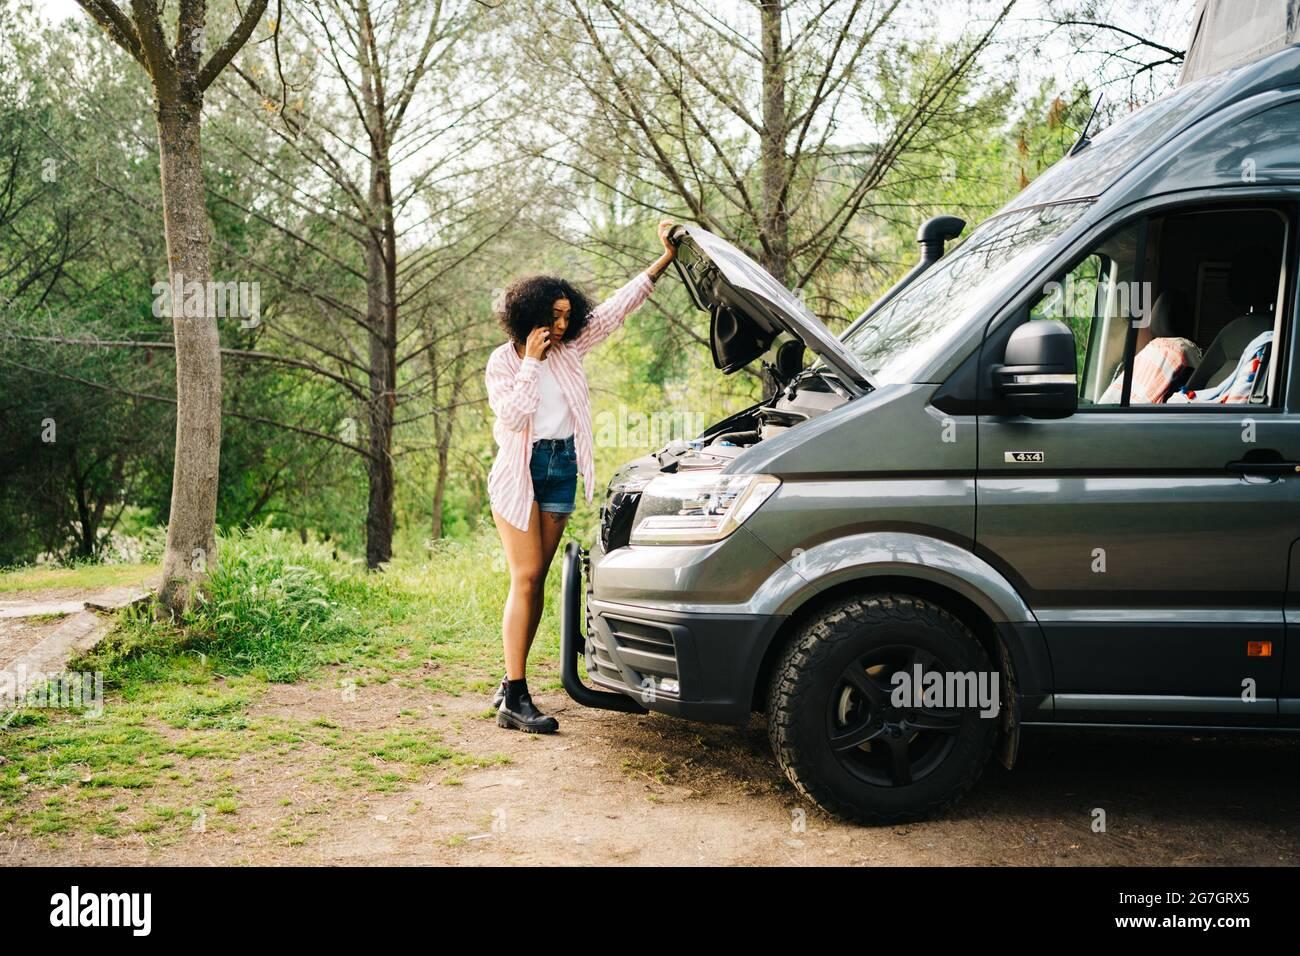 Jeune femme afro-américaine se tenant près d'une fourgonnette avec capot ouvert et parlant avec le service de réparation par téléphone portable tout en rencontrant des problèmes Banque D'Images